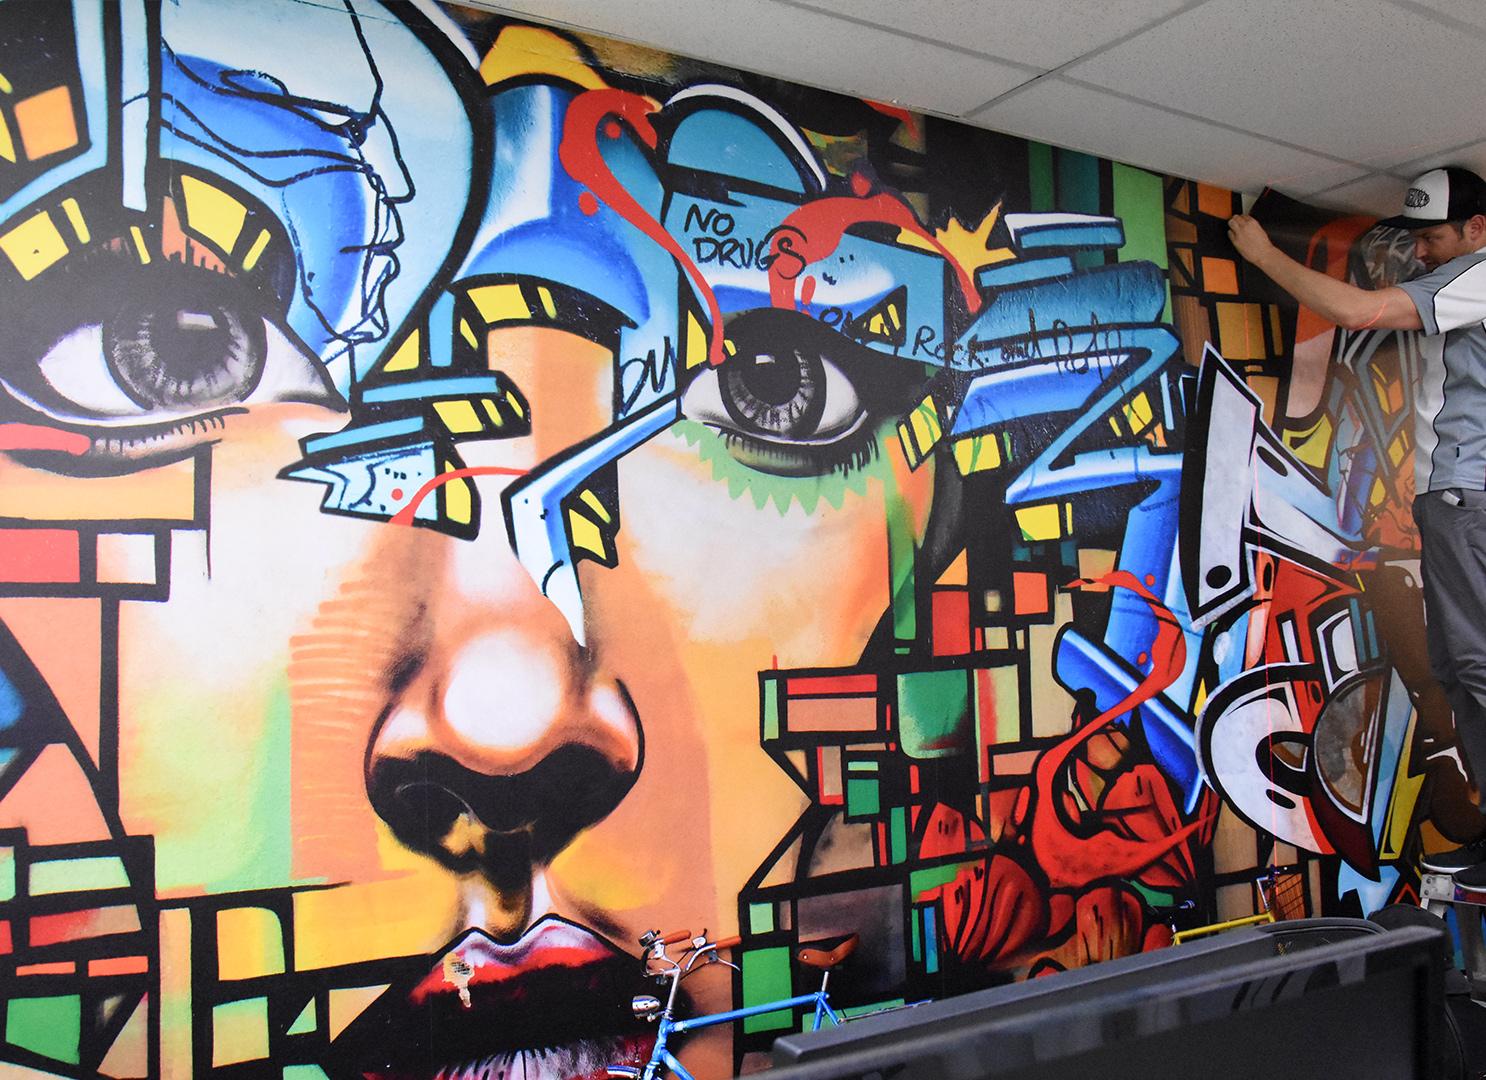 NPC-large-graffiti-wall-01.jpg